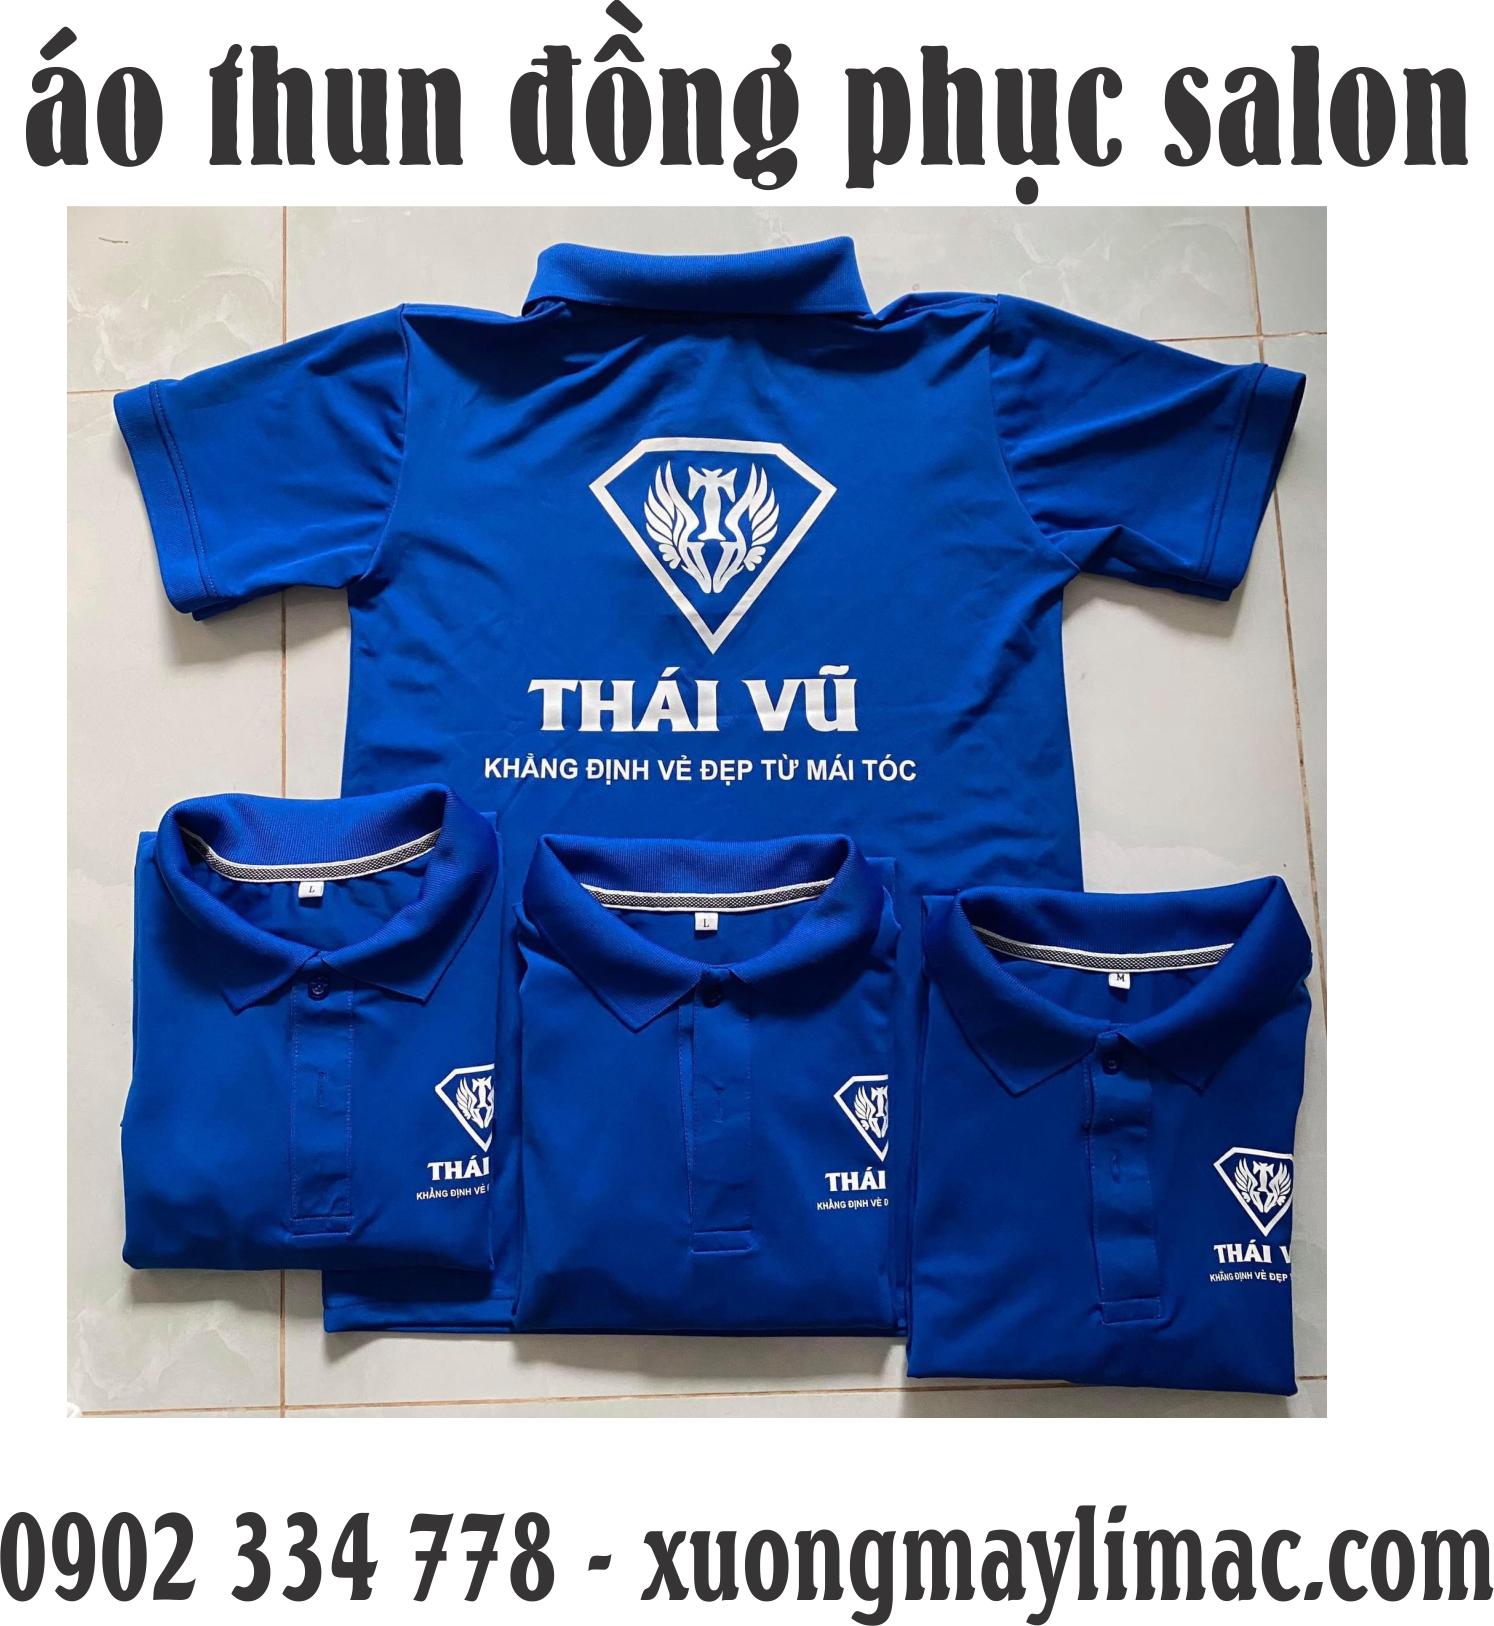 xưởng may áo thun đồng phục salon đẹp ( salon tóc, salon spa, salon mỹ phẩm )